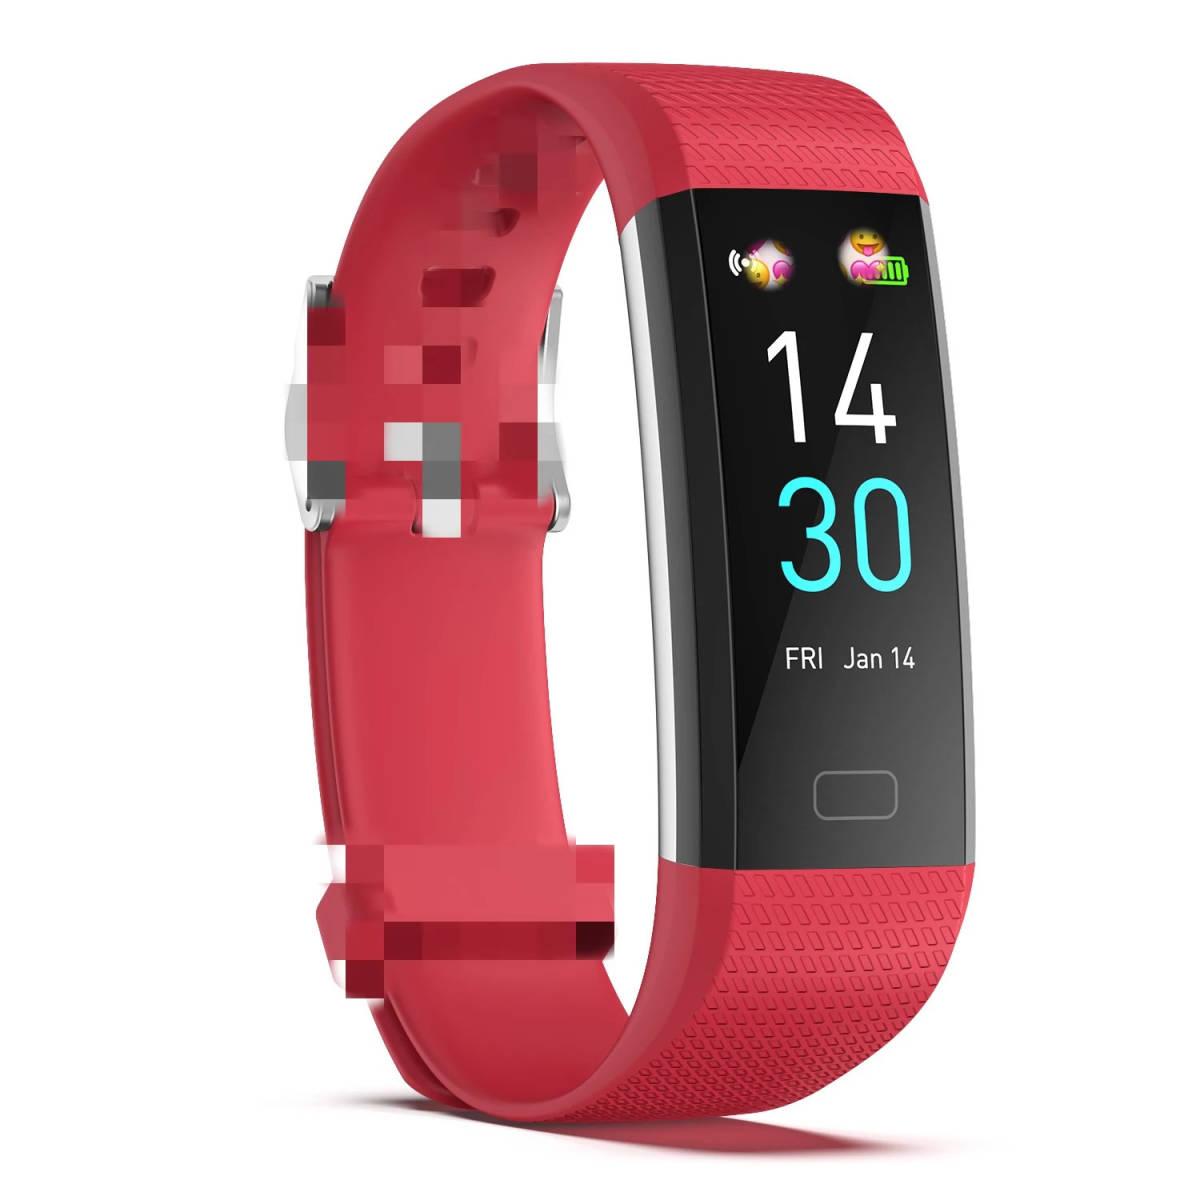 スマートバンド ブレスレット 体温測定 新品 S5スポーツスマート腕時計心拍数血圧と体温計測IP68防水ブレスレット男性 女性_画像9